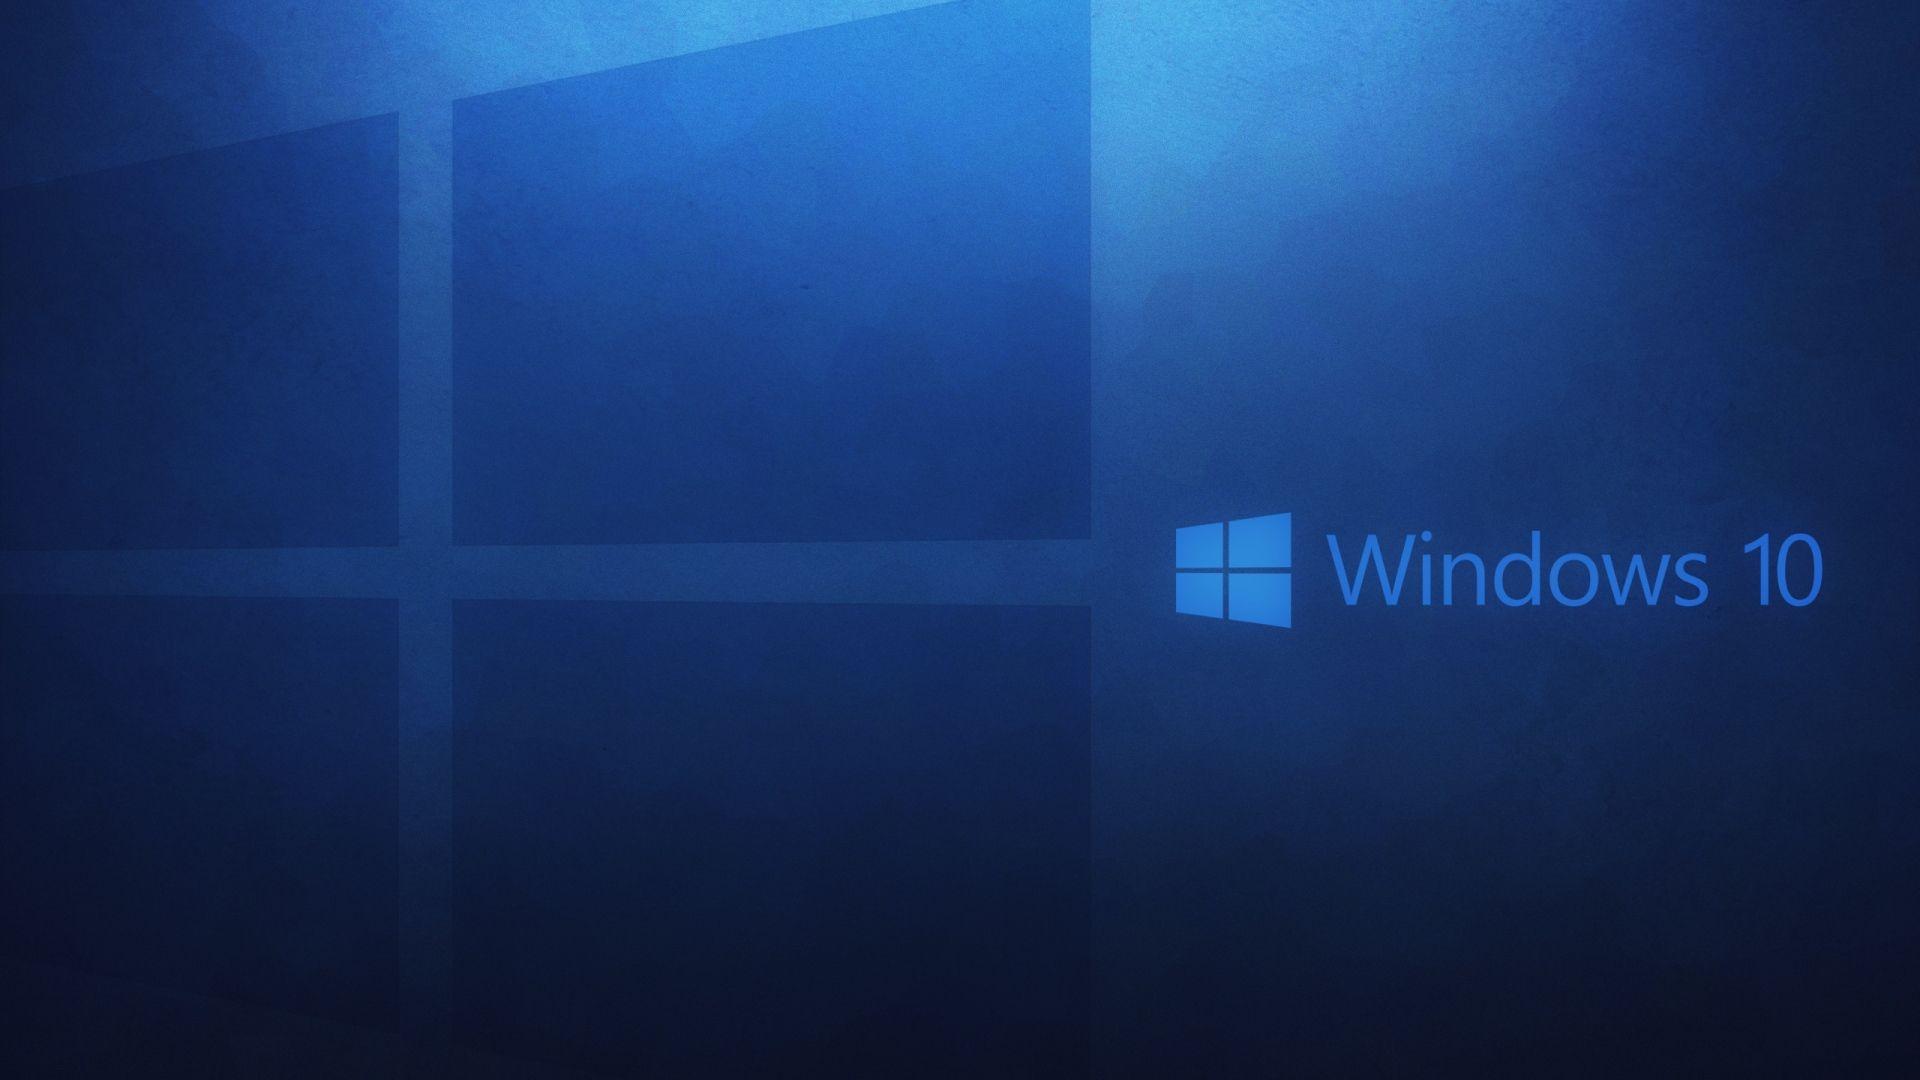 Windows 10 Desktop Wallpapers Wallpaper Cave